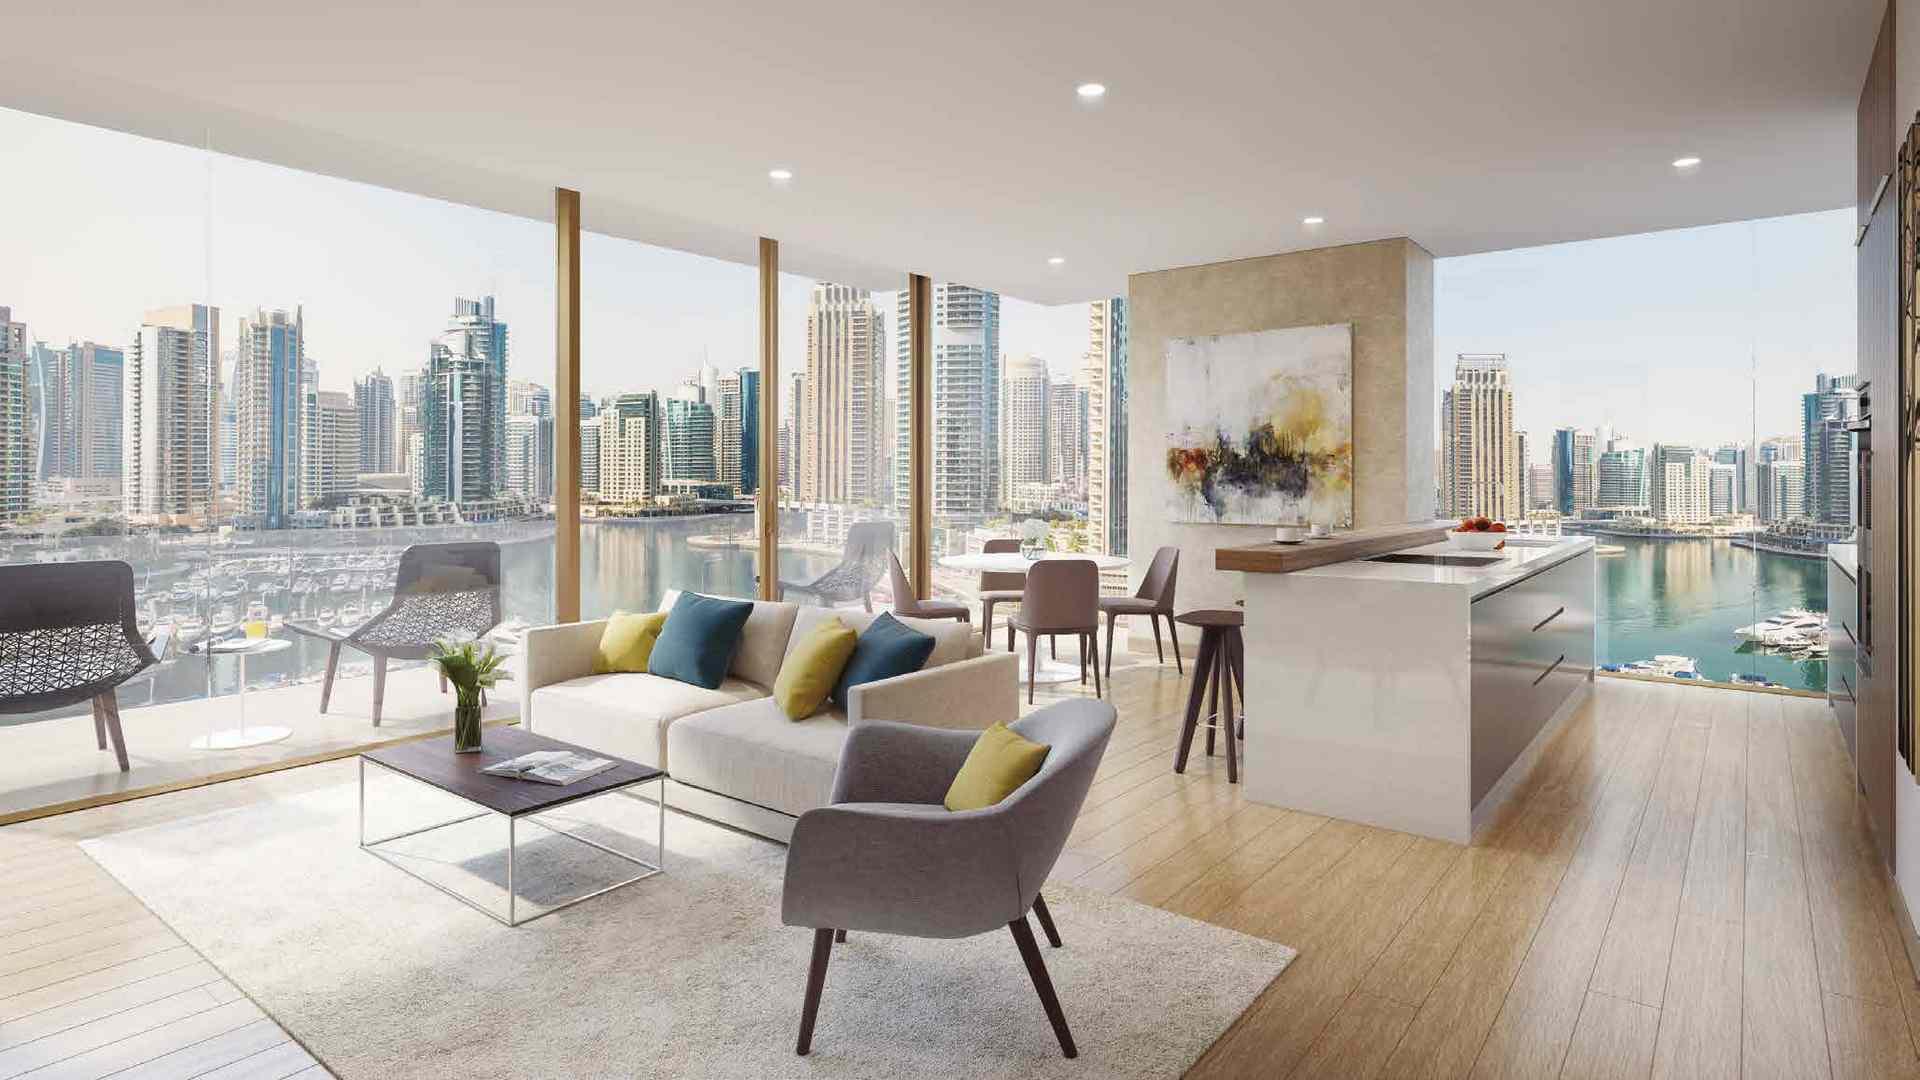 Apartamento en venta en Dubai, EAU, 1 dormitorio, 71 m2, № 23852 – foto 2